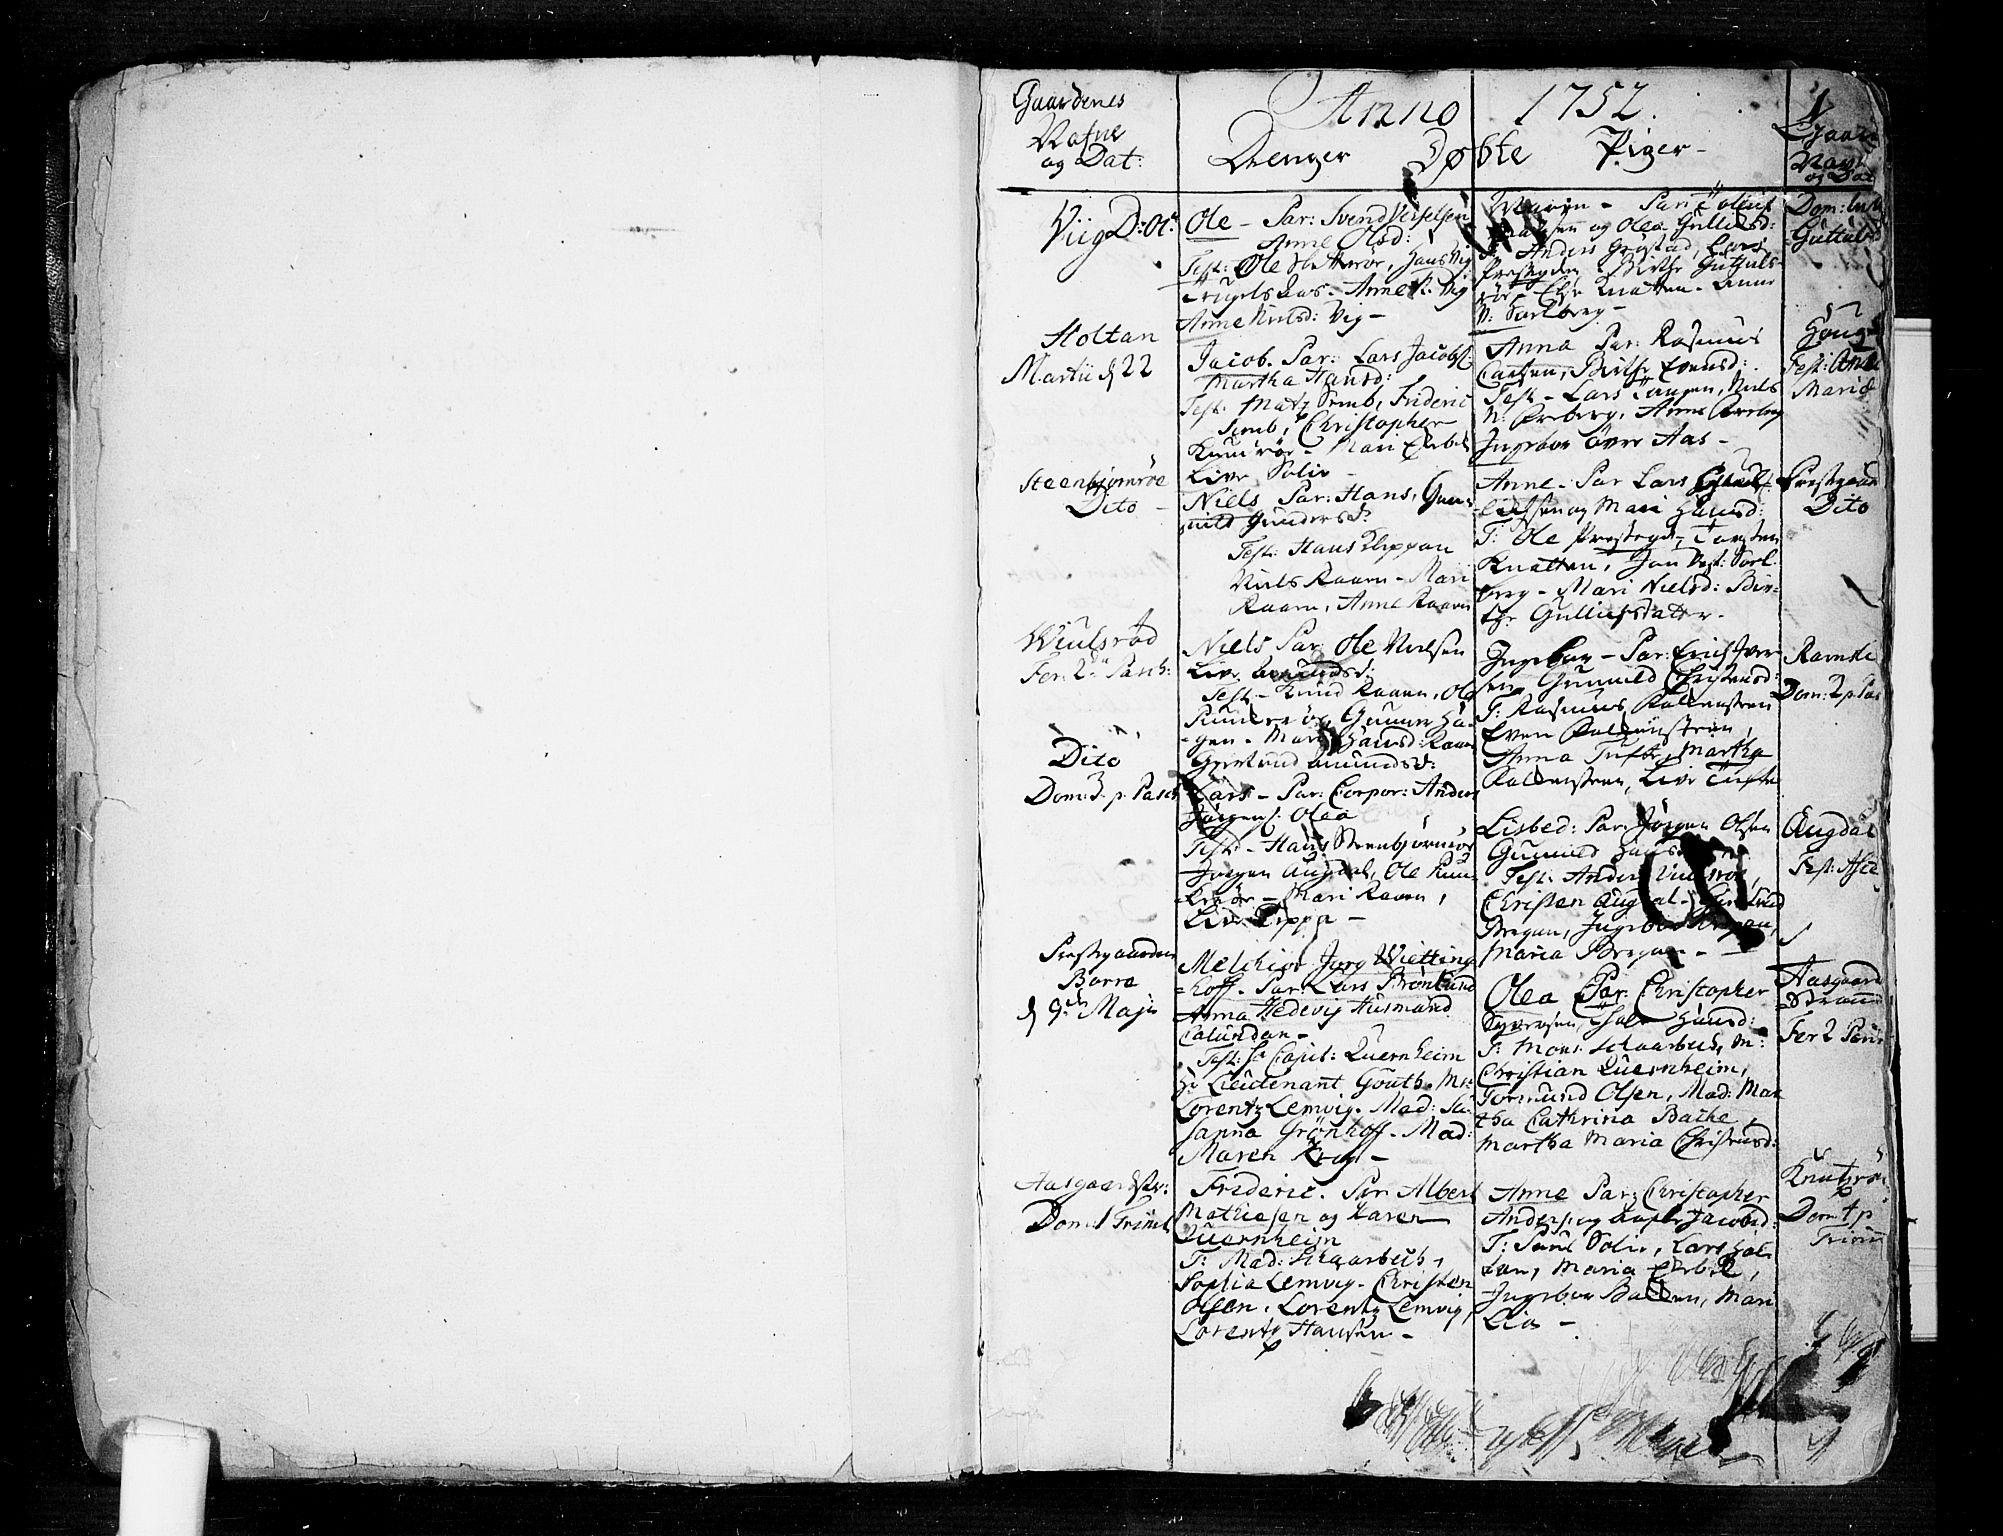 SAKO, Borre kirkebøker, F/Fa/L0002: Ministerialbok nr. I 2, 1752-1806, s. 1